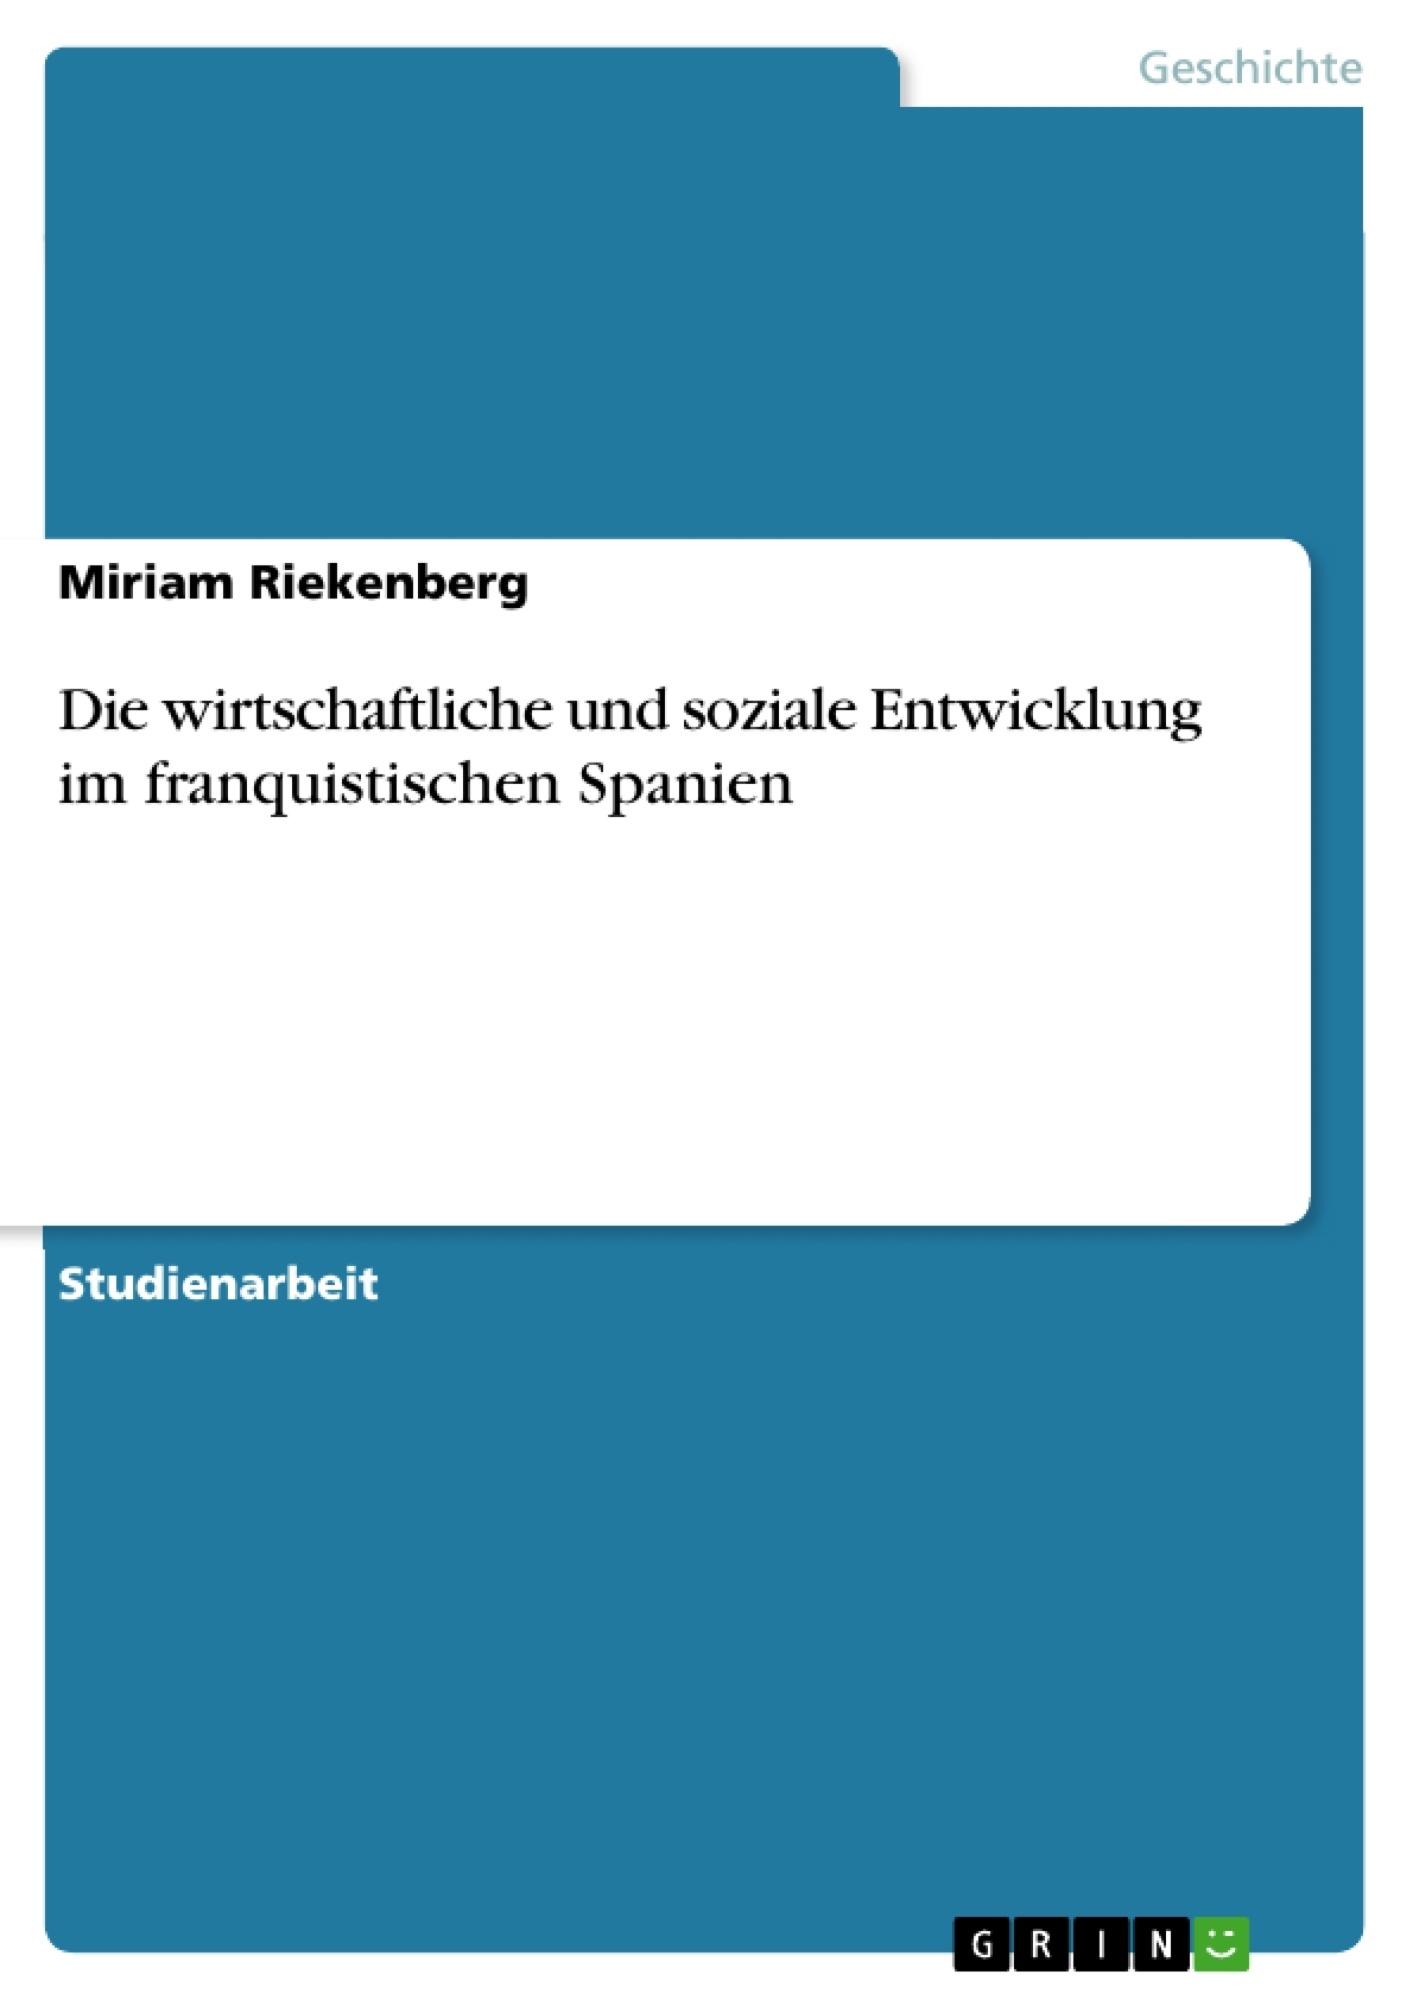 Titel: Die wirtschaftliche und soziale Entwicklung im franquistischen Spanien